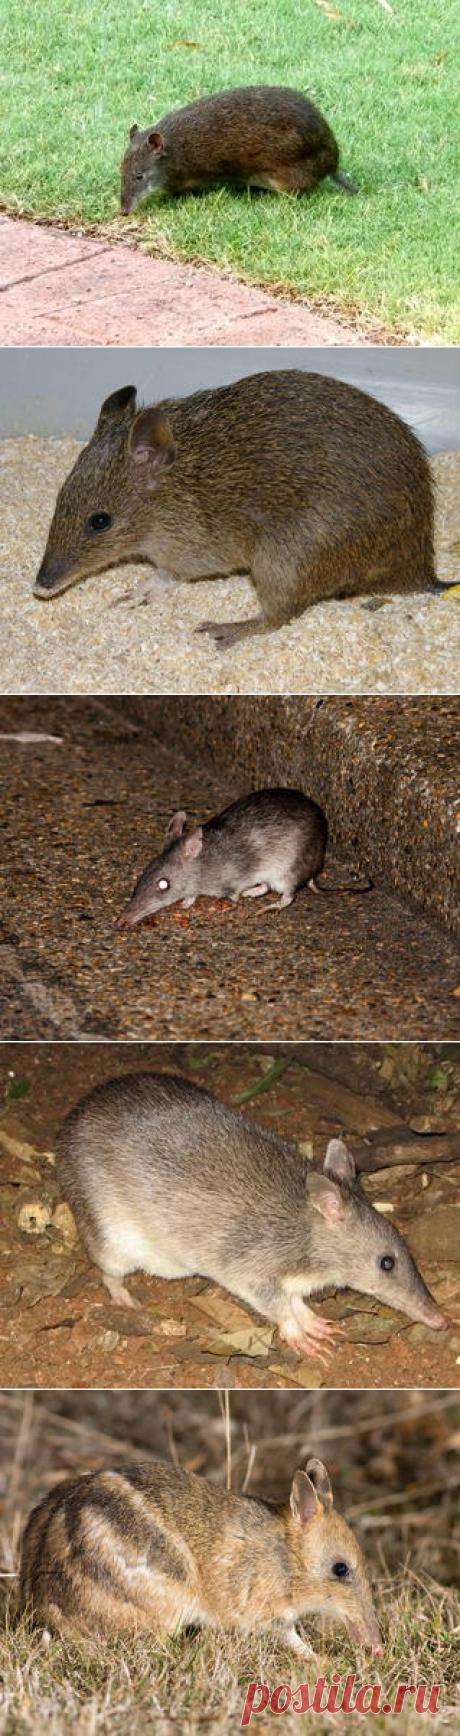 Смотреть изображения бандикутов | Зооляндия